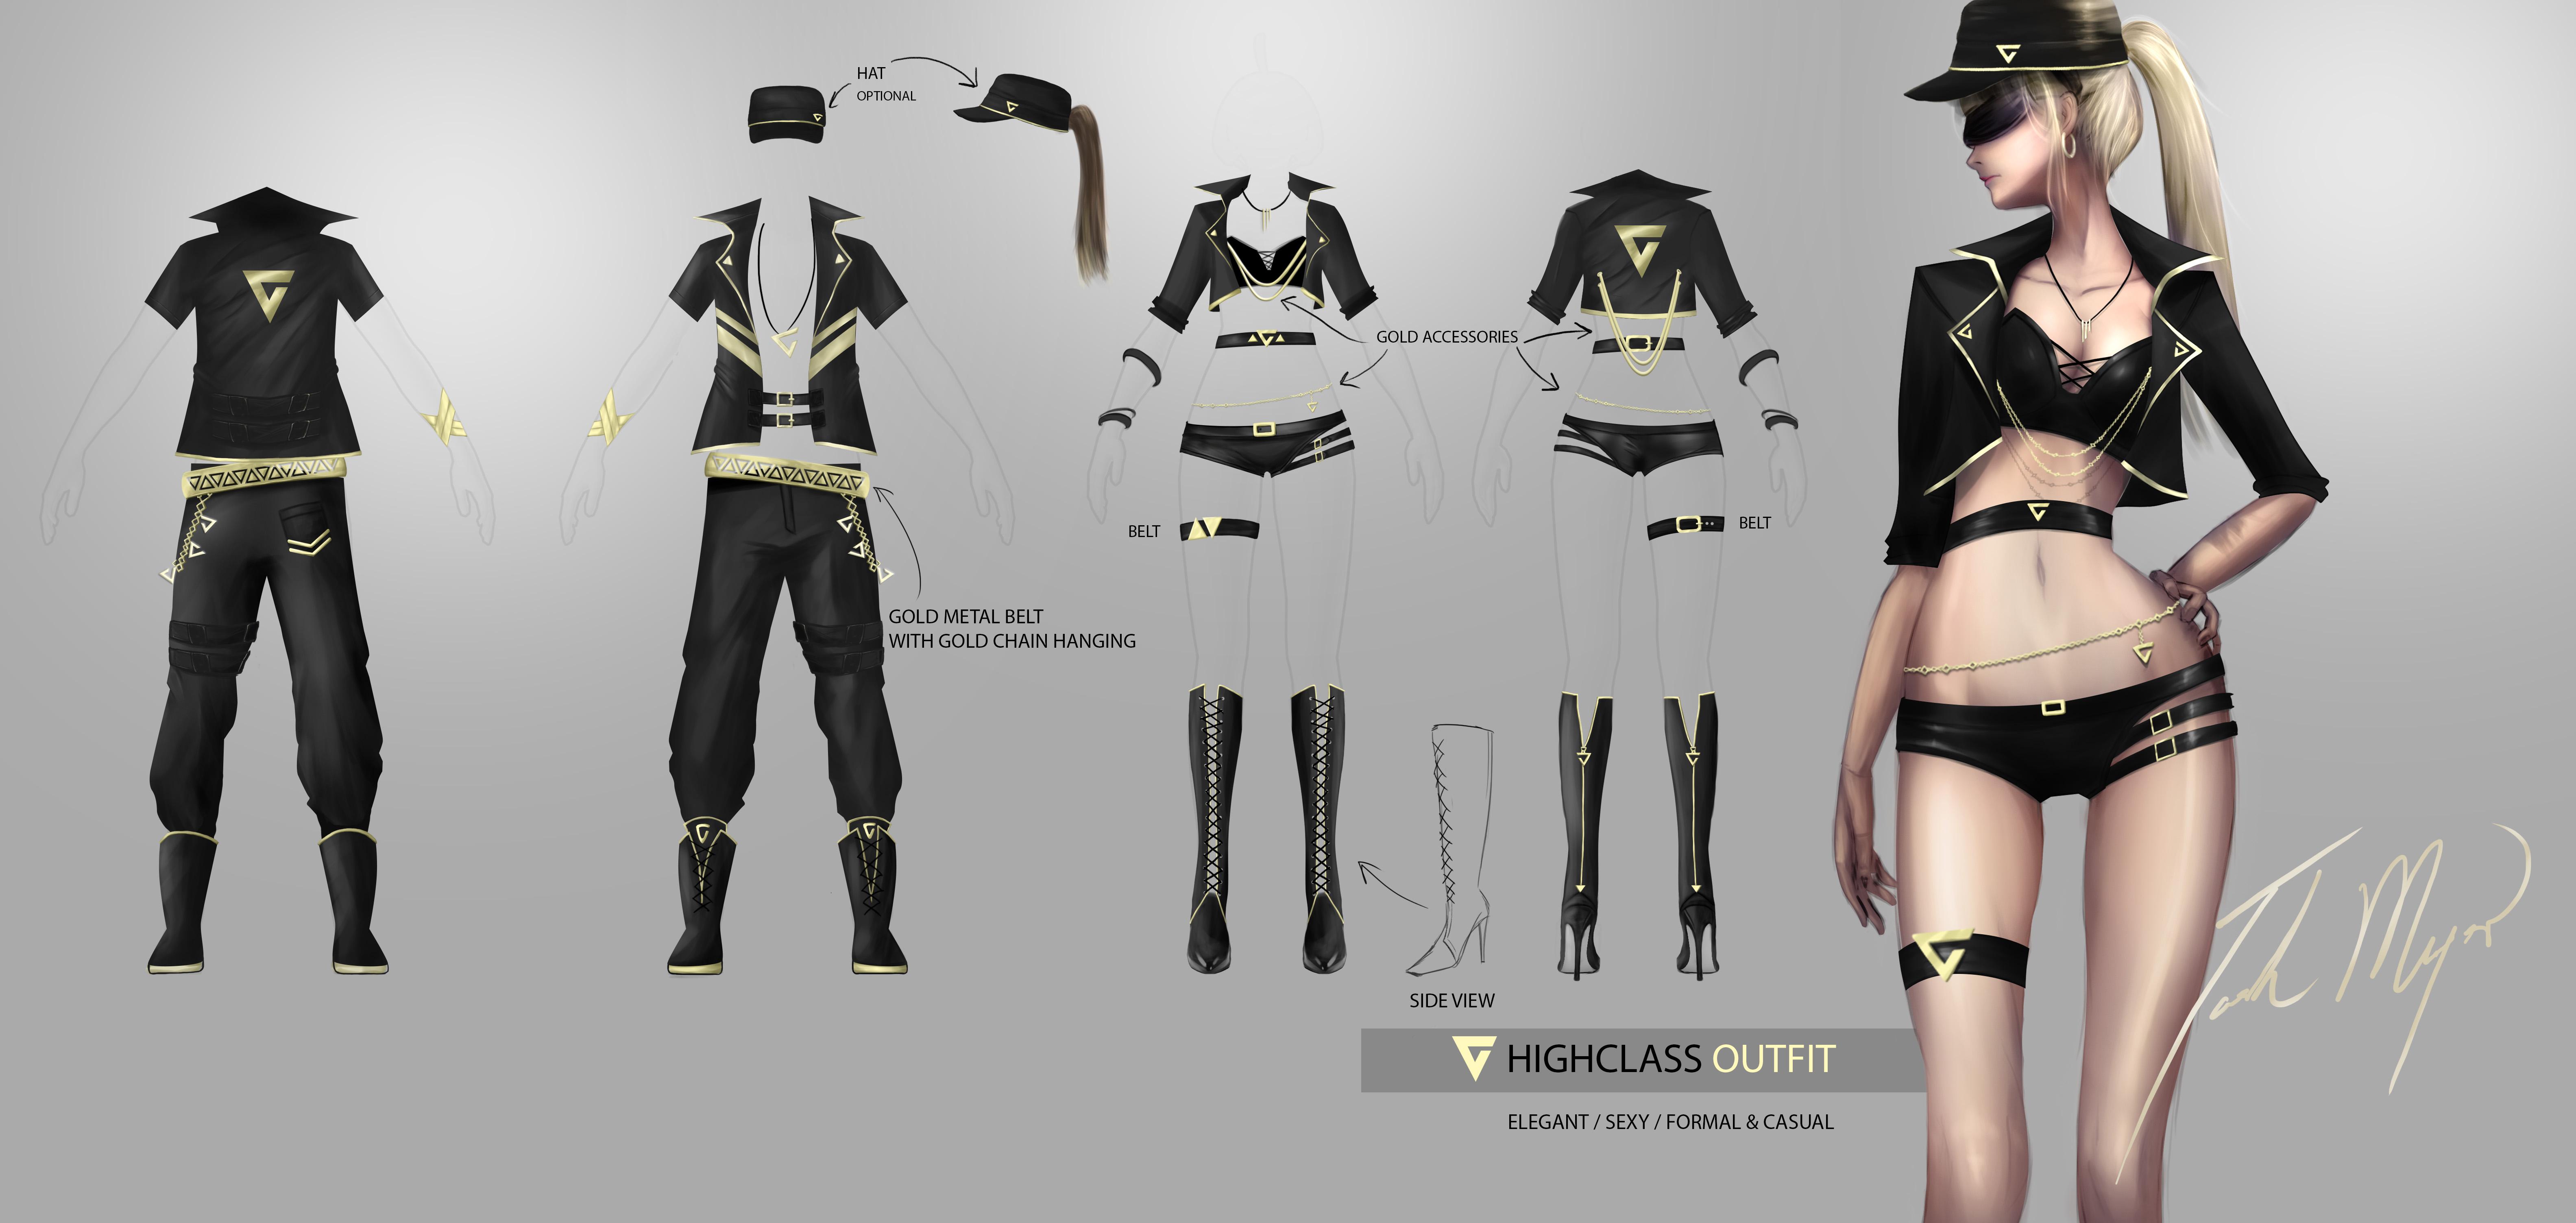 High_Class_Outfit_Design_Final.jpg